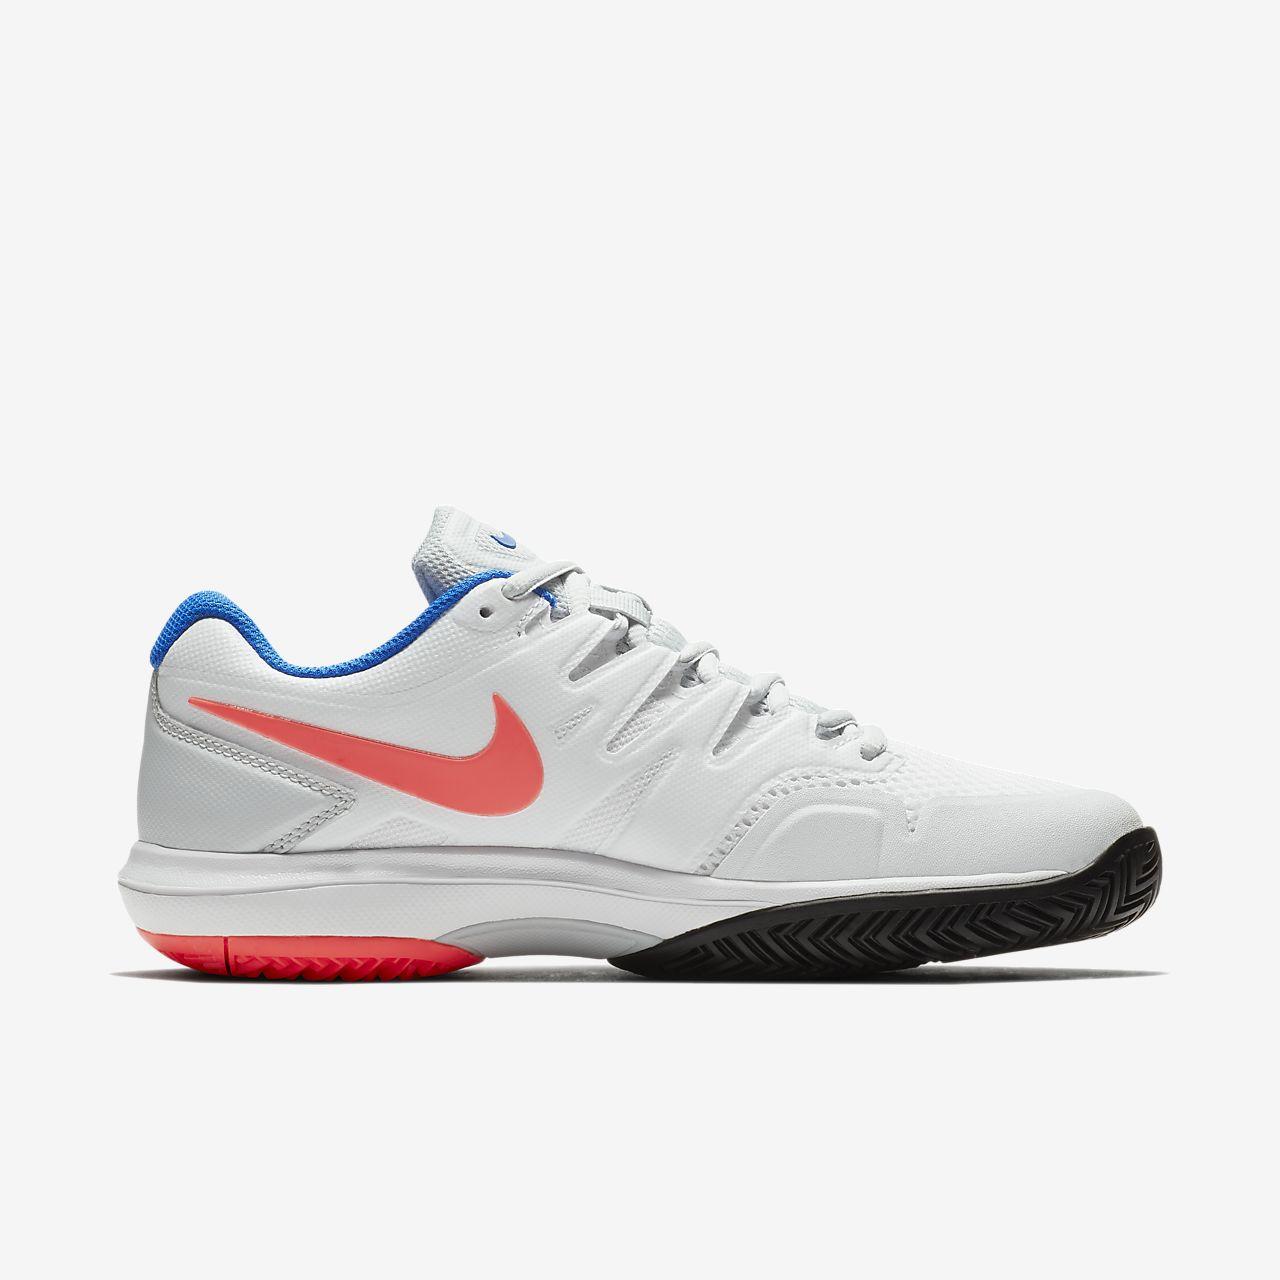 Nike Chaussure de tennis Air Zoom Prestige HC pour Femme Payer Avec Paypal En Ligne Vente En Gros Le Meilleur Exclusif À Vendre St8CQ70lw